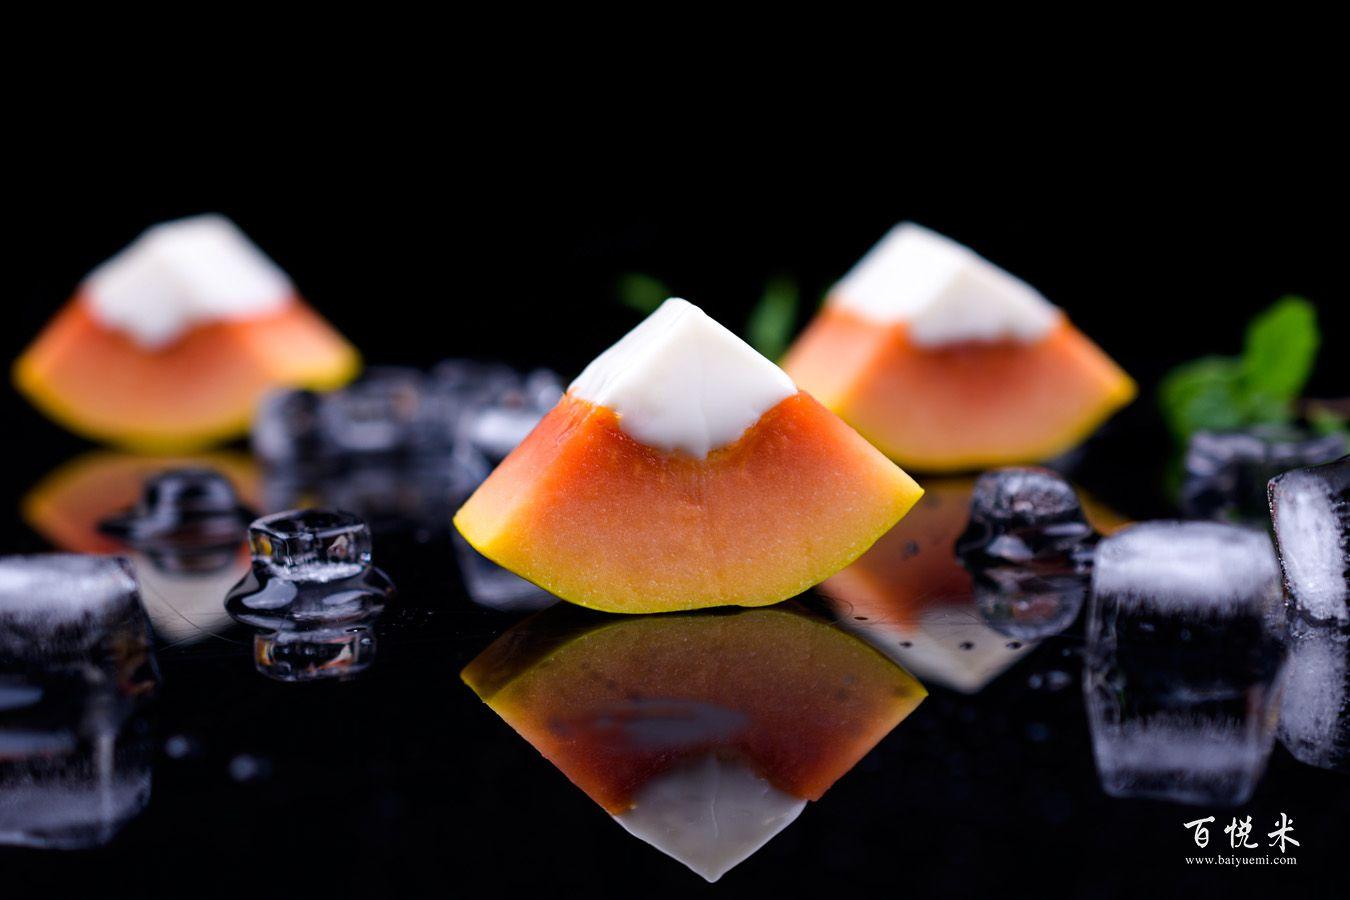 木瓜奶冻的做法大全,木瓜奶冻西点培训图文教程分享